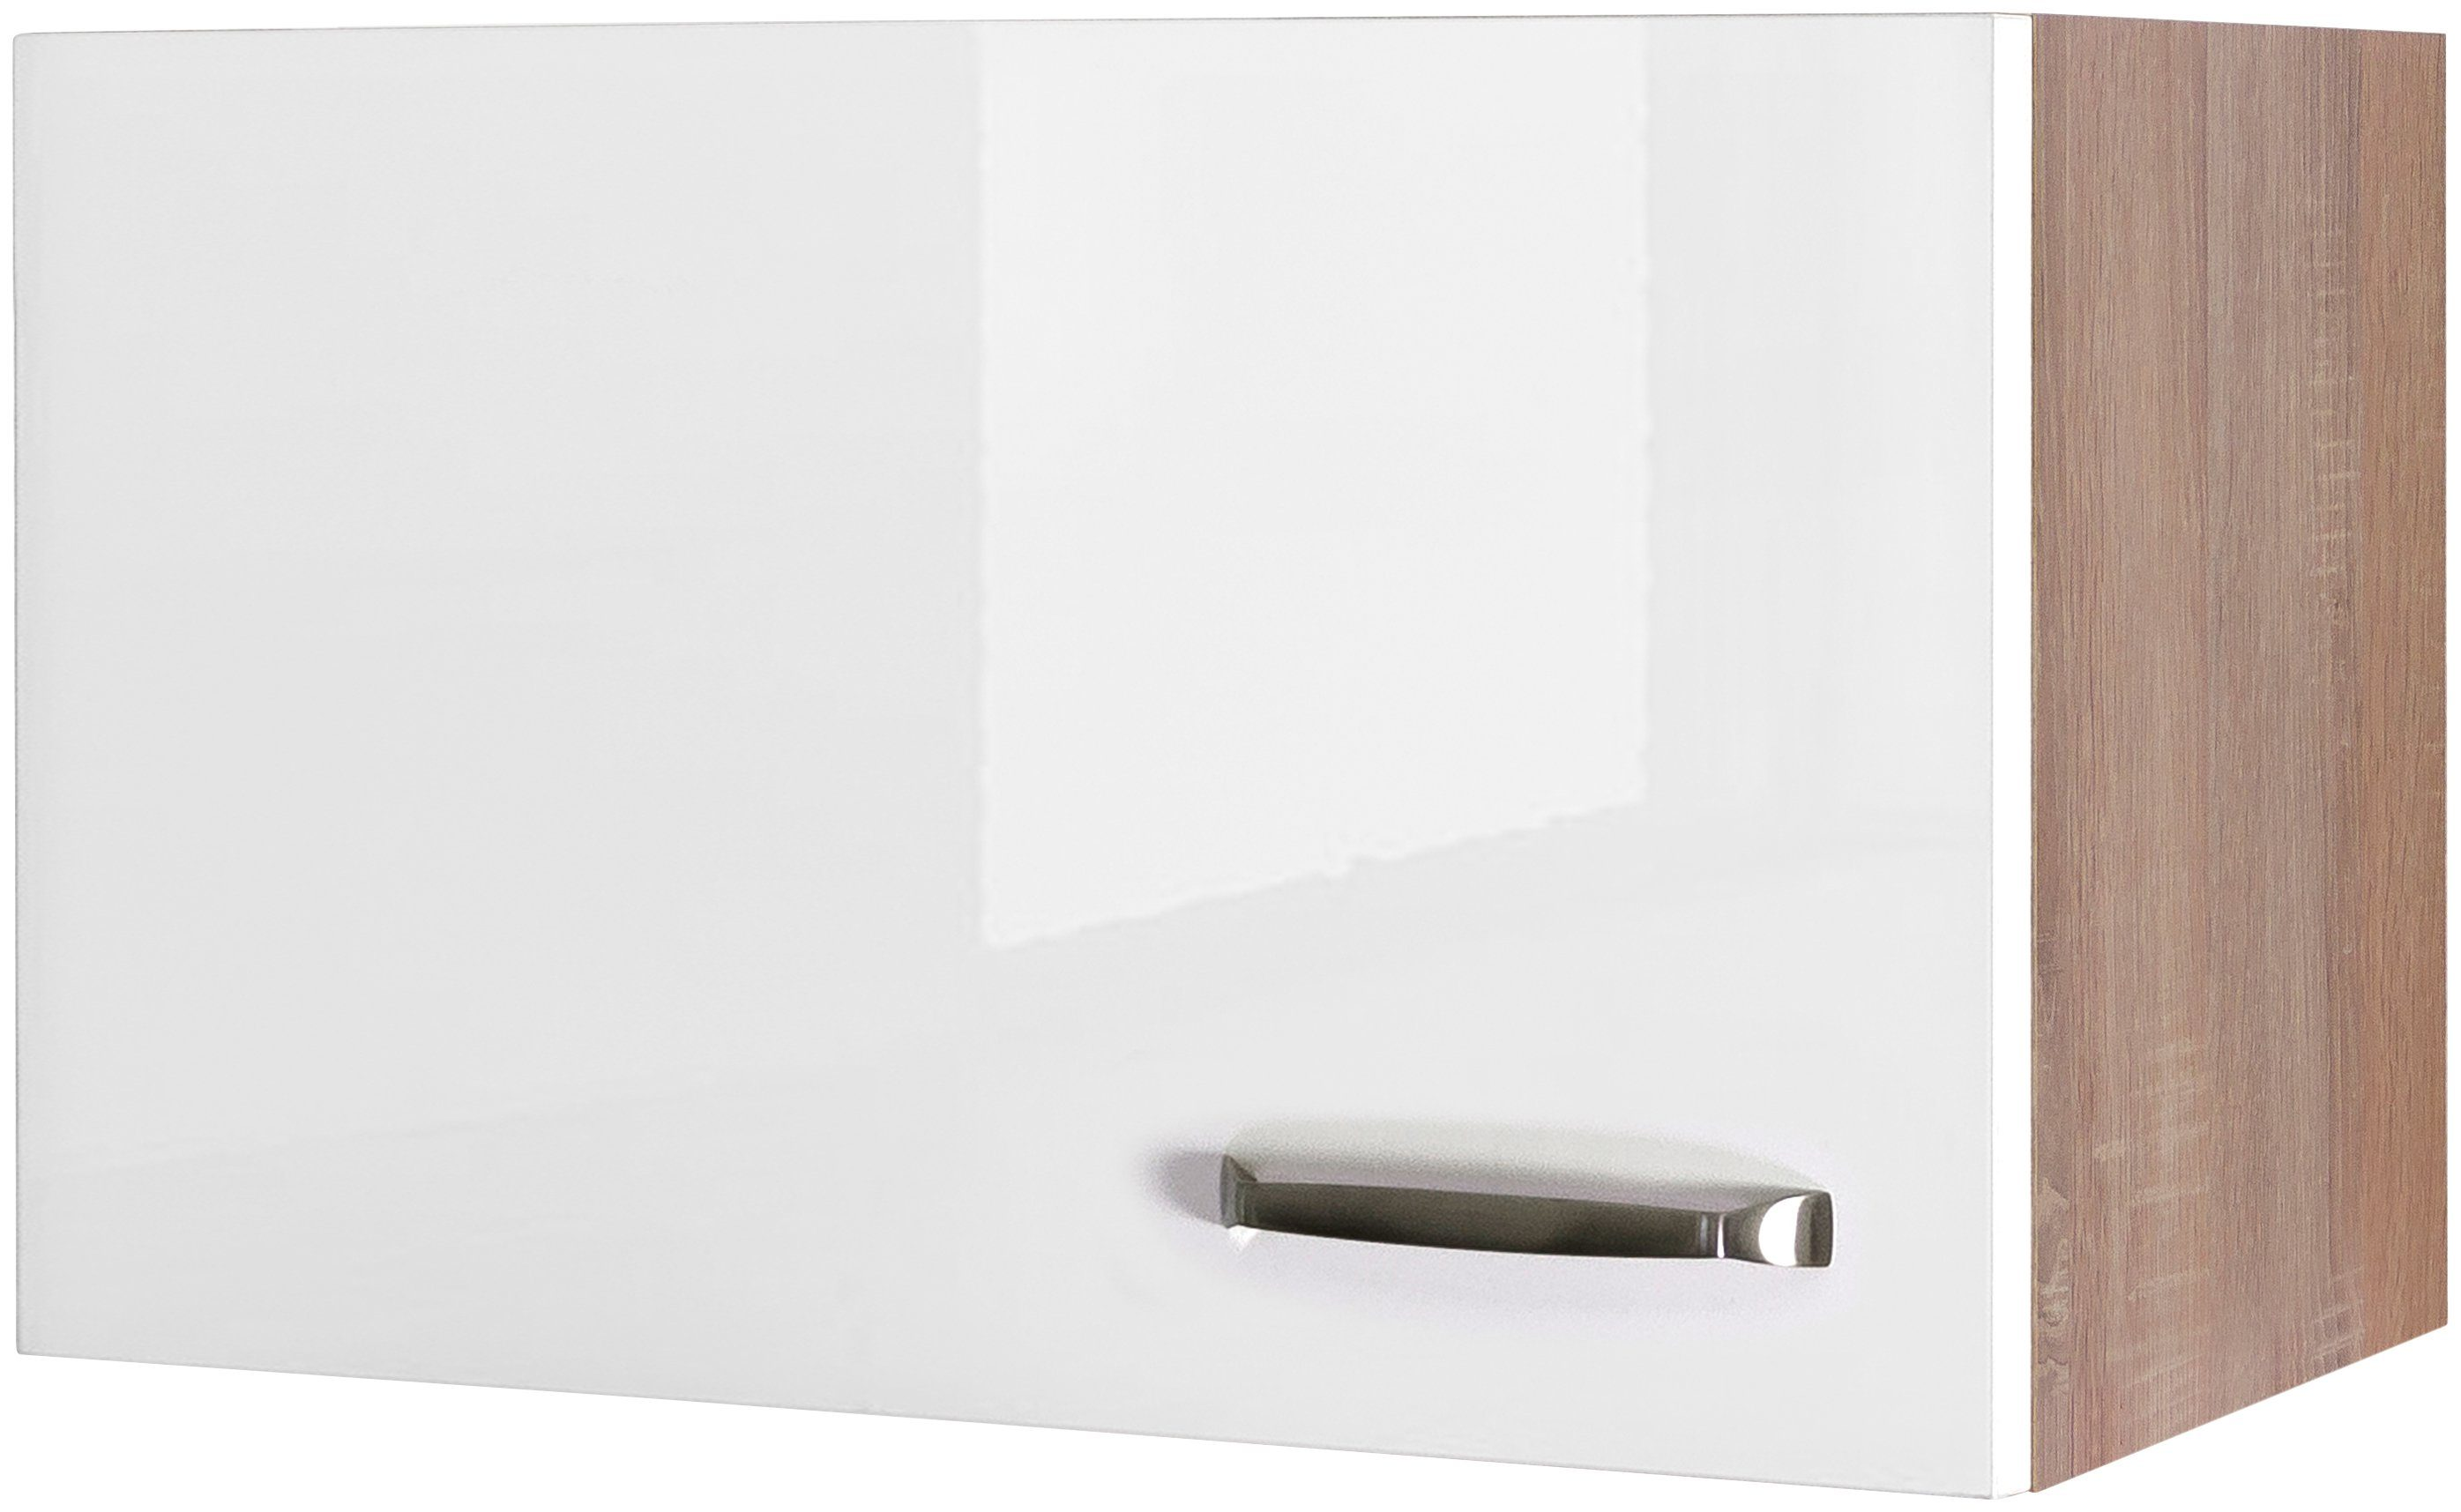 Küchenhängeschrank »Florenz«, Breite 60 cm